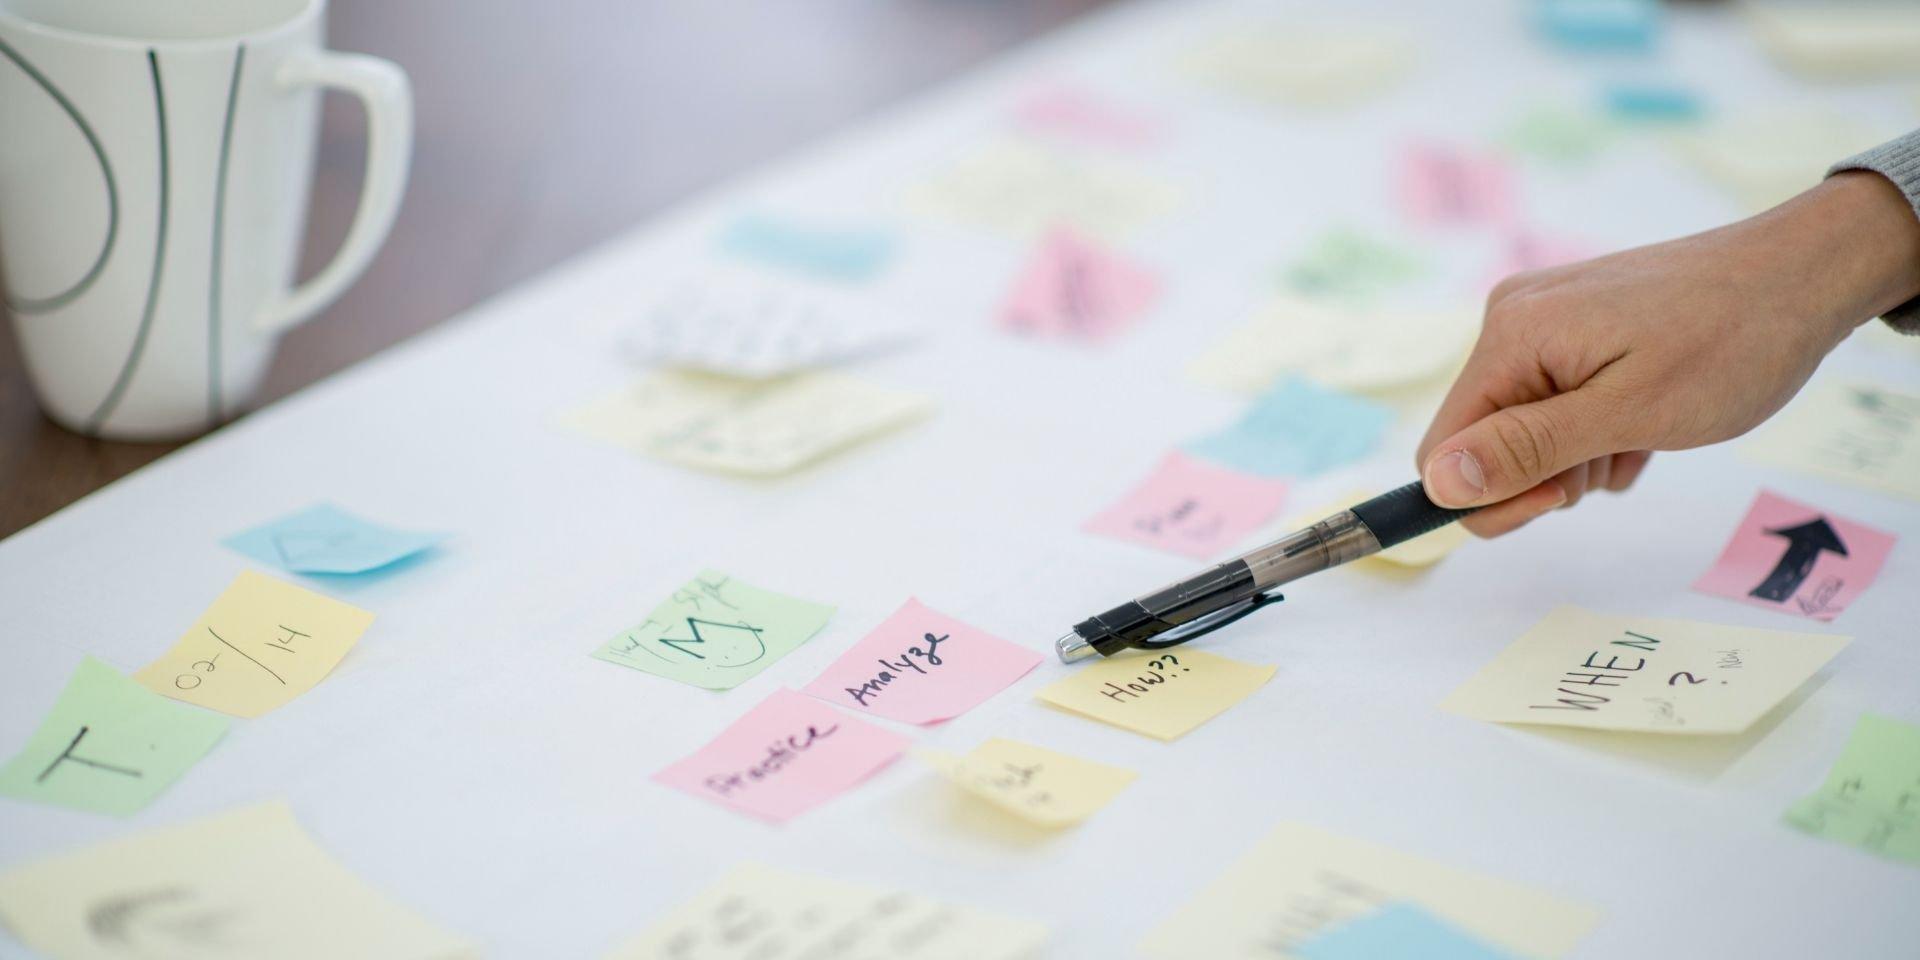 Vision board: un outil efficace pour visualiser tes rêves et atteindre tes objectifs